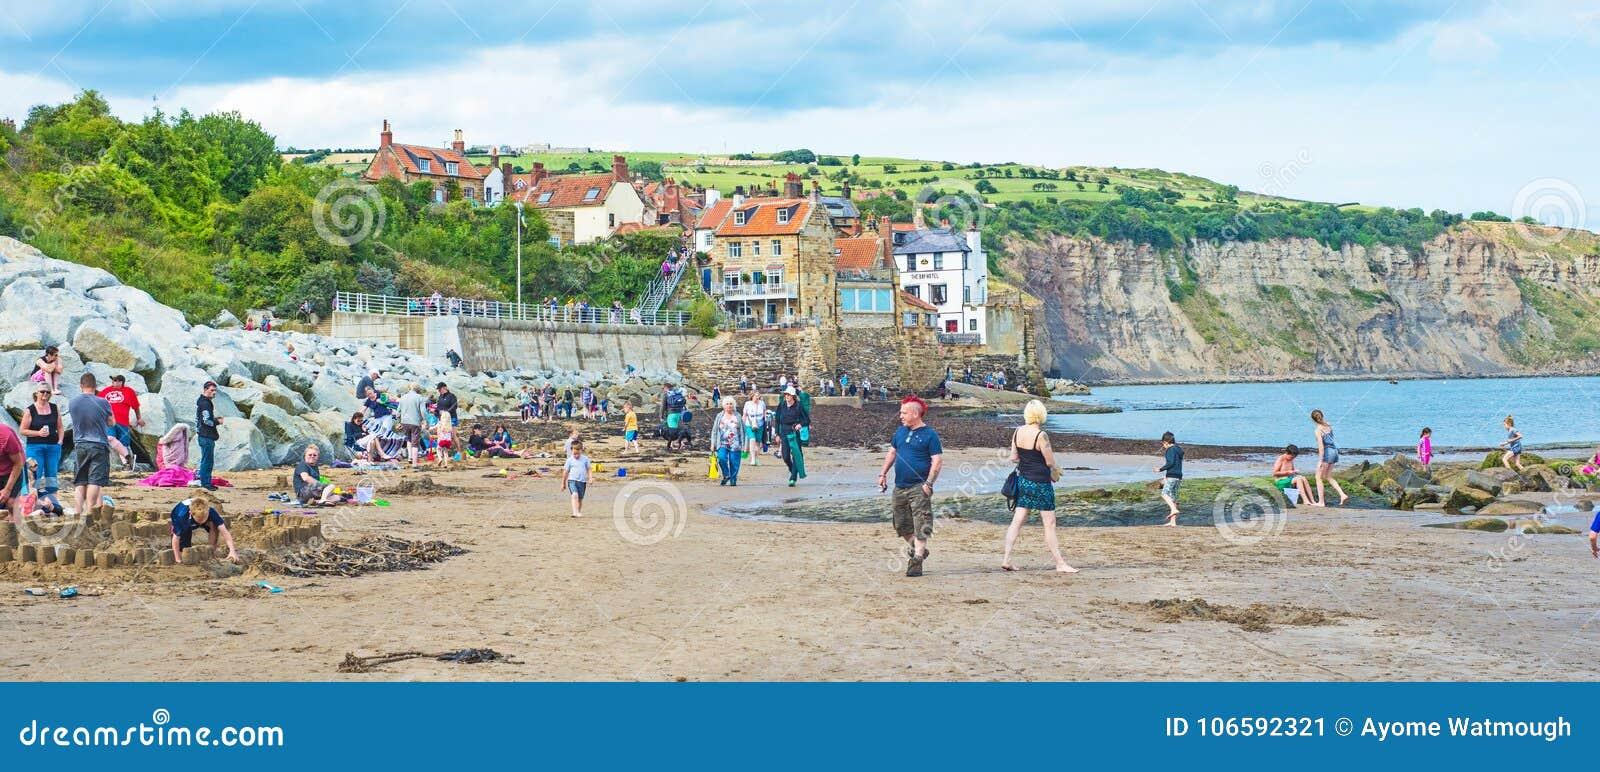 Feiertage an der Küste in England